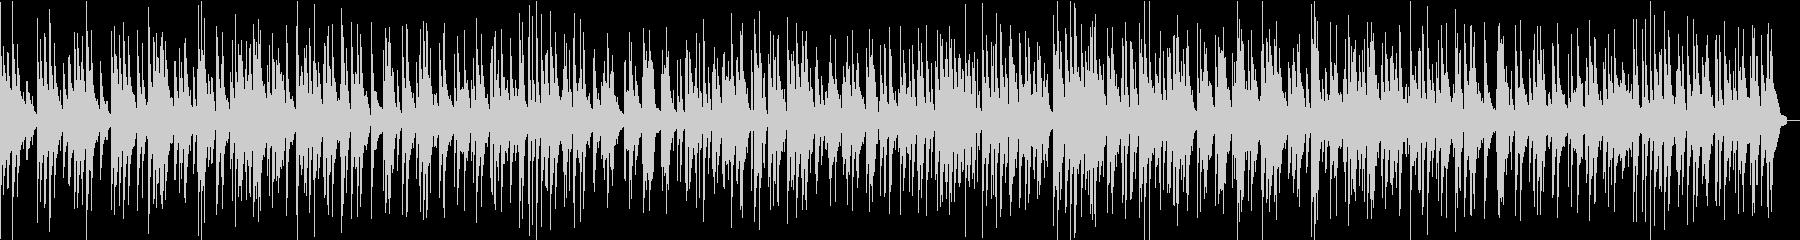 童謡「シャボン玉」のジャズアレンジカバーの未再生の波形